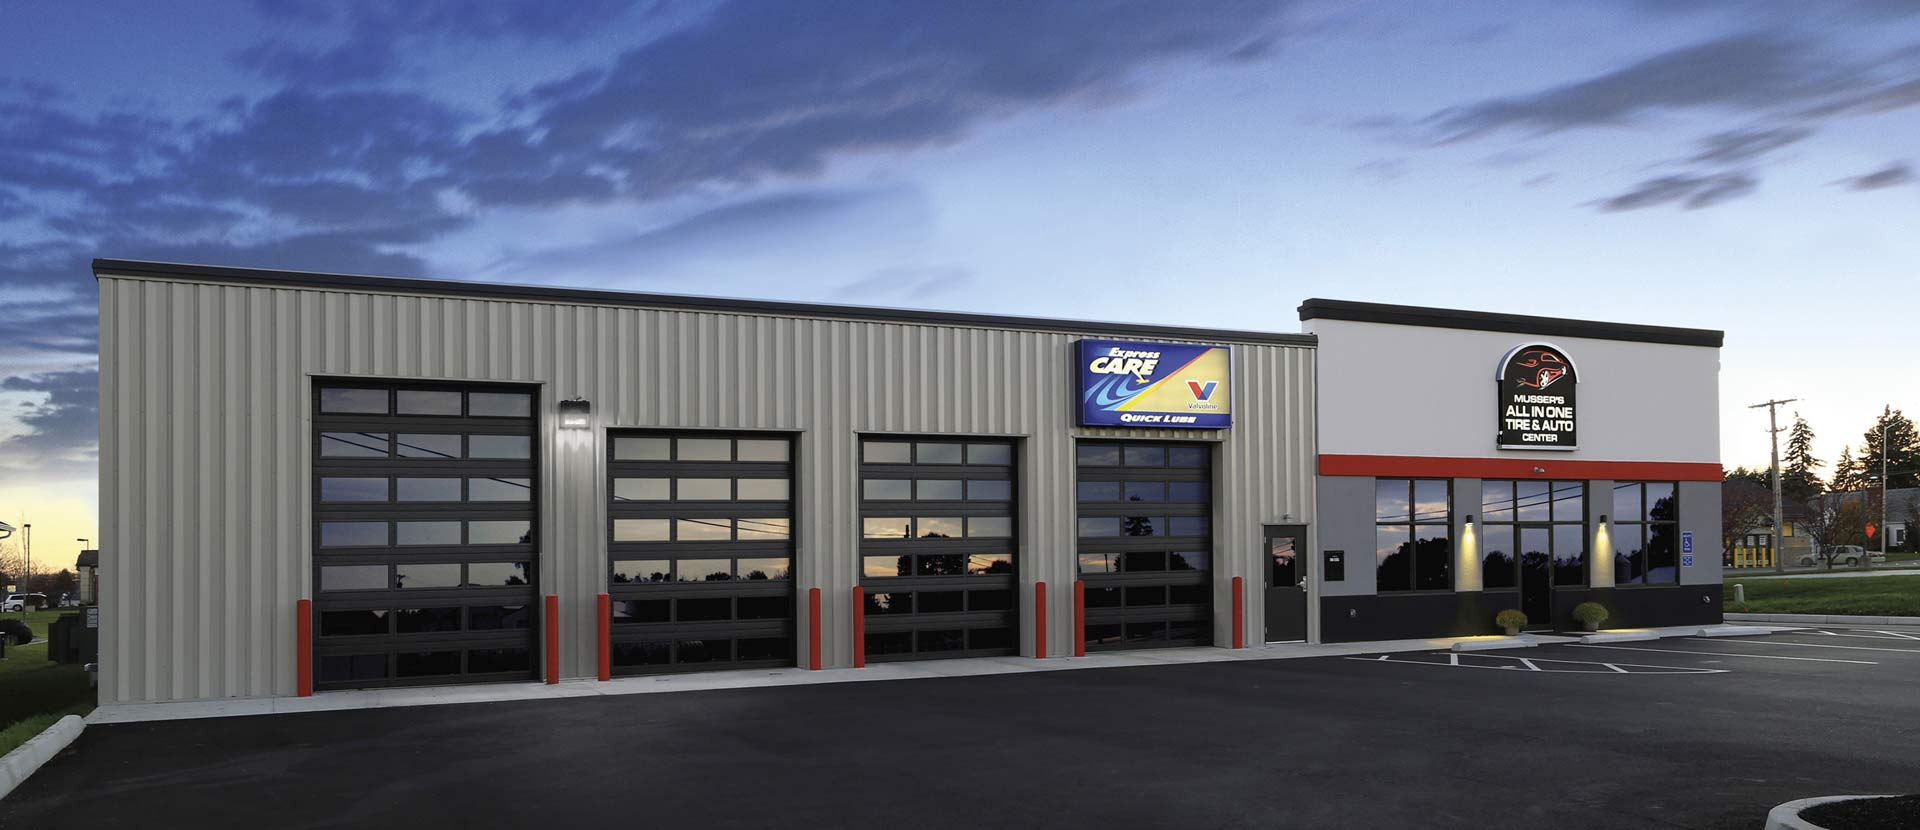 Garage Doors in Appleton WI  Overhead Door Company